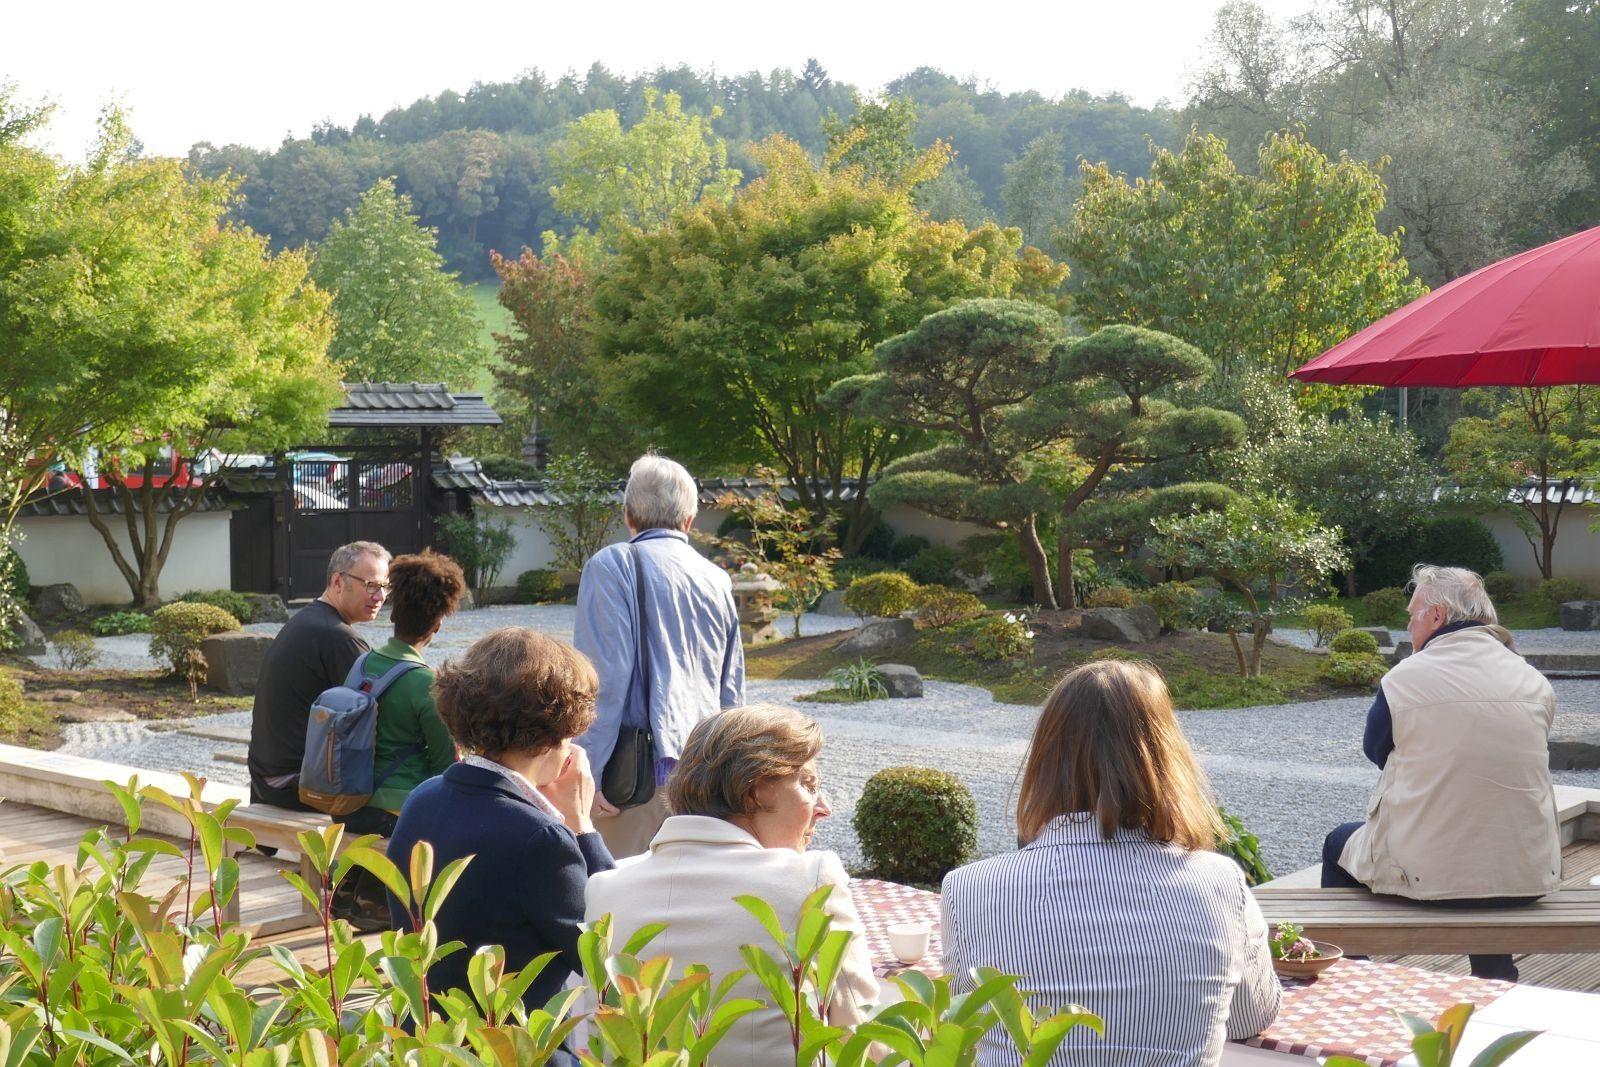 Japanischer Garten Bielefeld Offnungszeiten Du Wurdest Es Niemals Glauben Von Japan Tag Am Japanischen Garten Bielefeld Am Japanischer Garten Garten Japan Tag